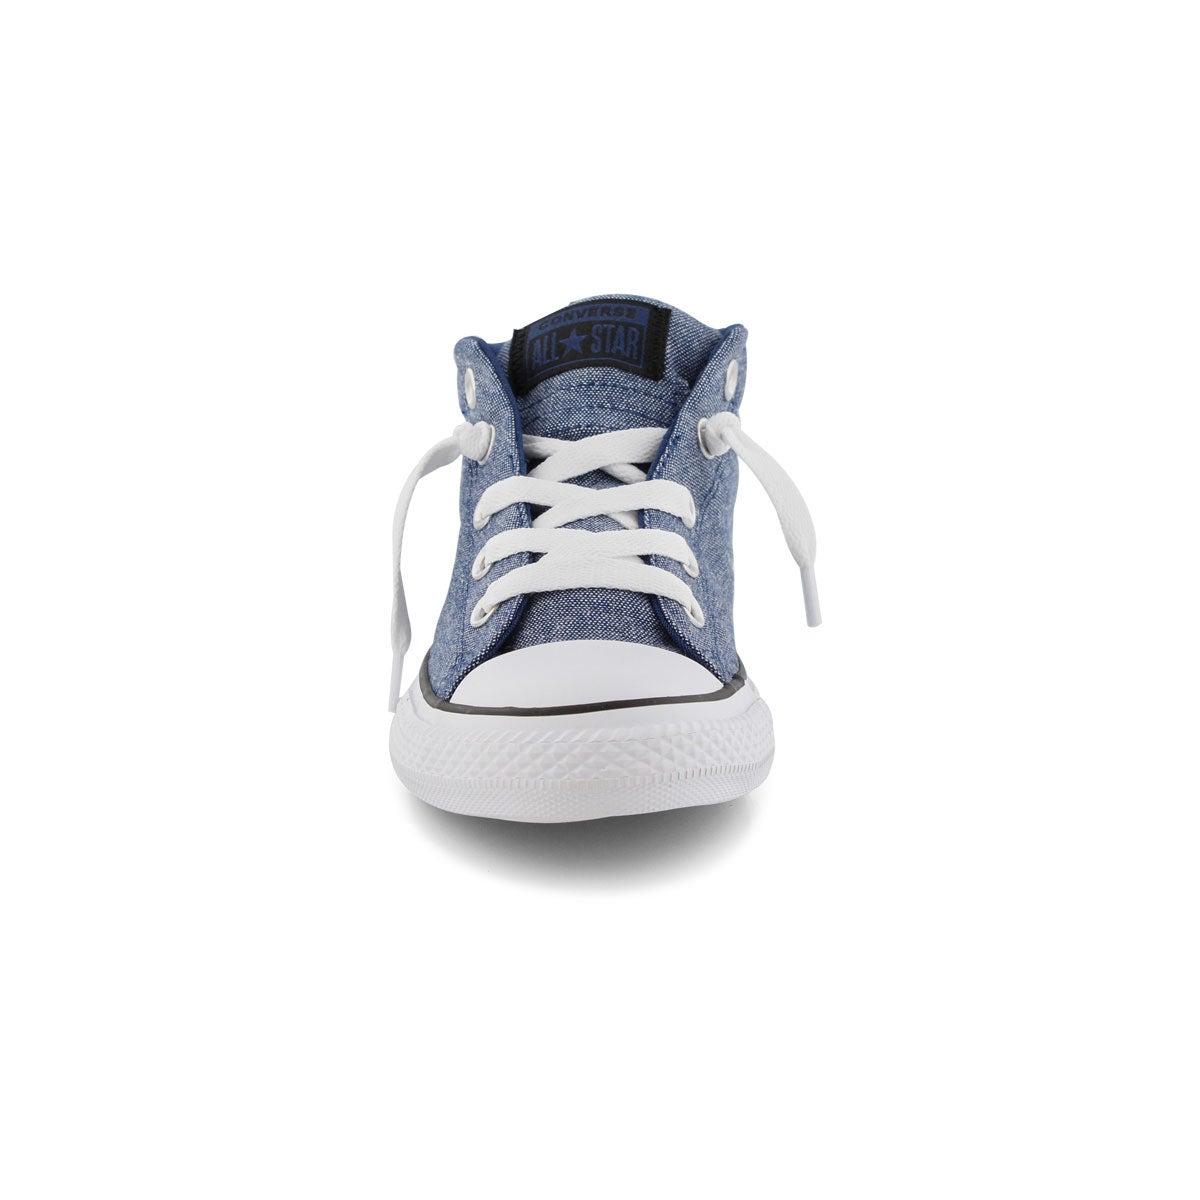 Bys CTAS Street Mid navy/black sneaker